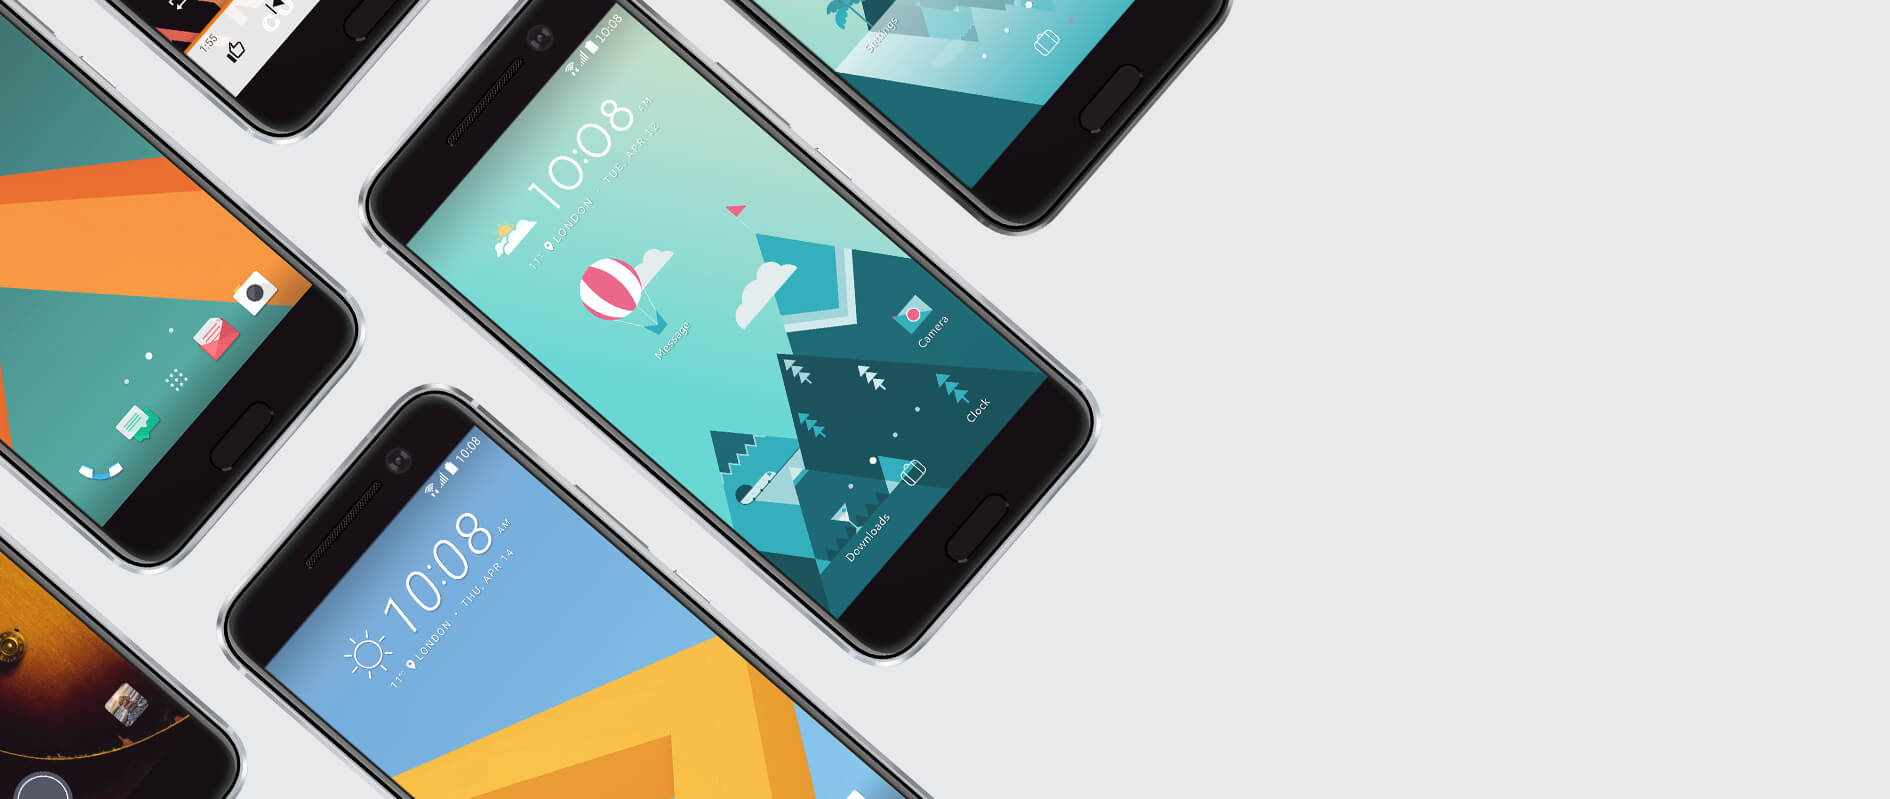 گوشی HTC 10، پرچمدار سال 2016 شرکت تایوانی اچ تی سی بالاخره سیستم عامل اندروید 7 نوقا را دریافت خواهد کرد. گوشی HTC 10 با اندروید 7 روانتر خواهد بود.